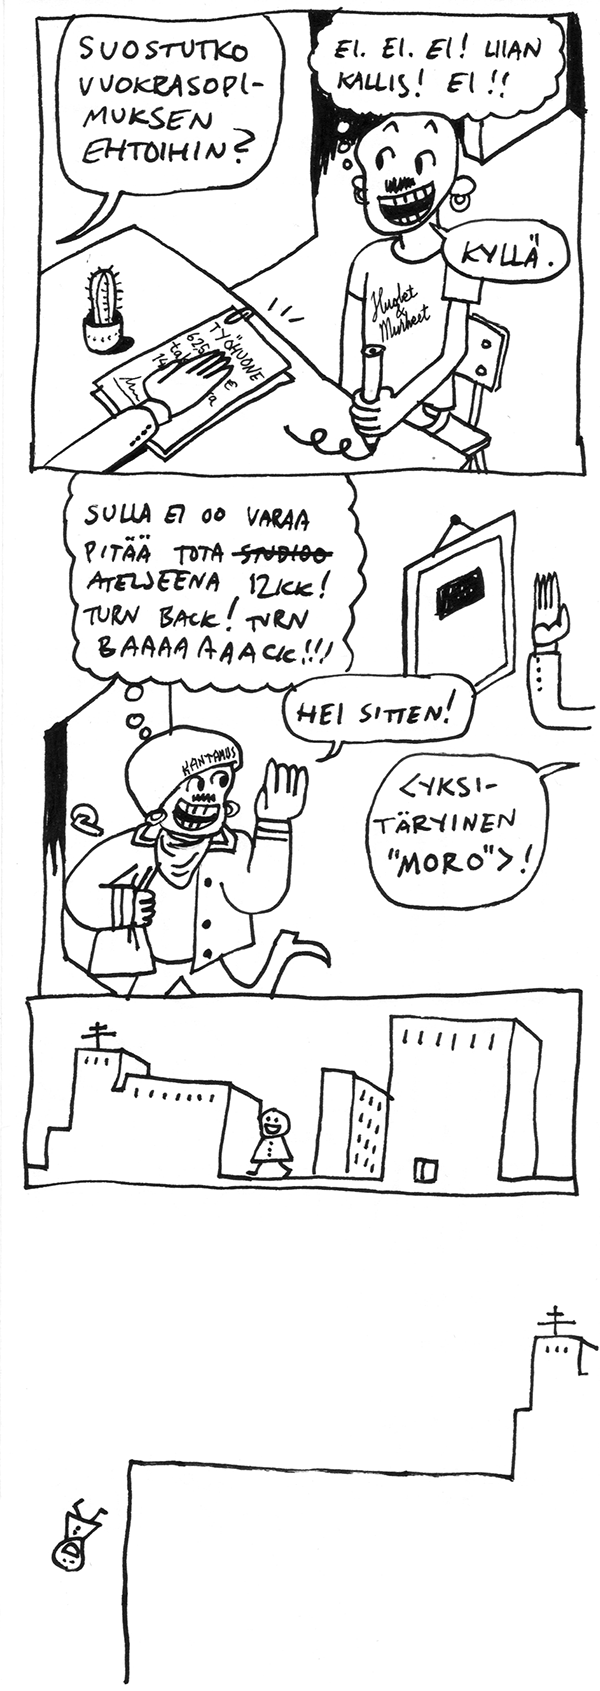 Image (49)